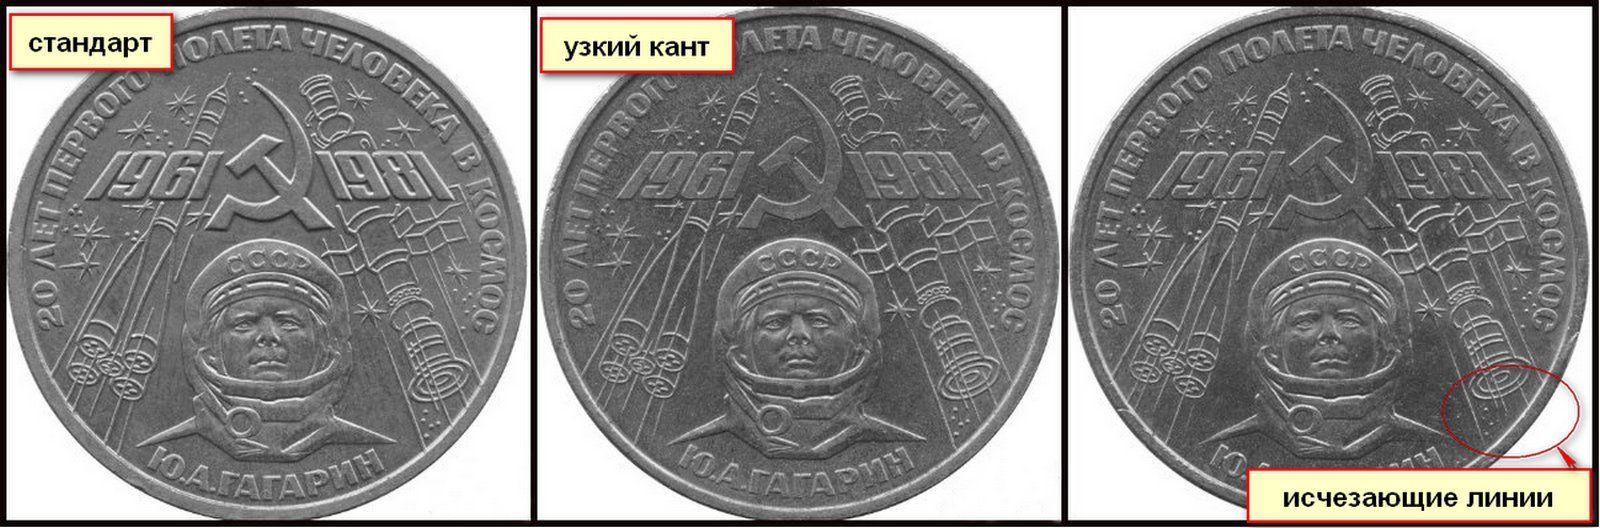 Разновидности юбилейных рублей ссср мизматы железные деньги